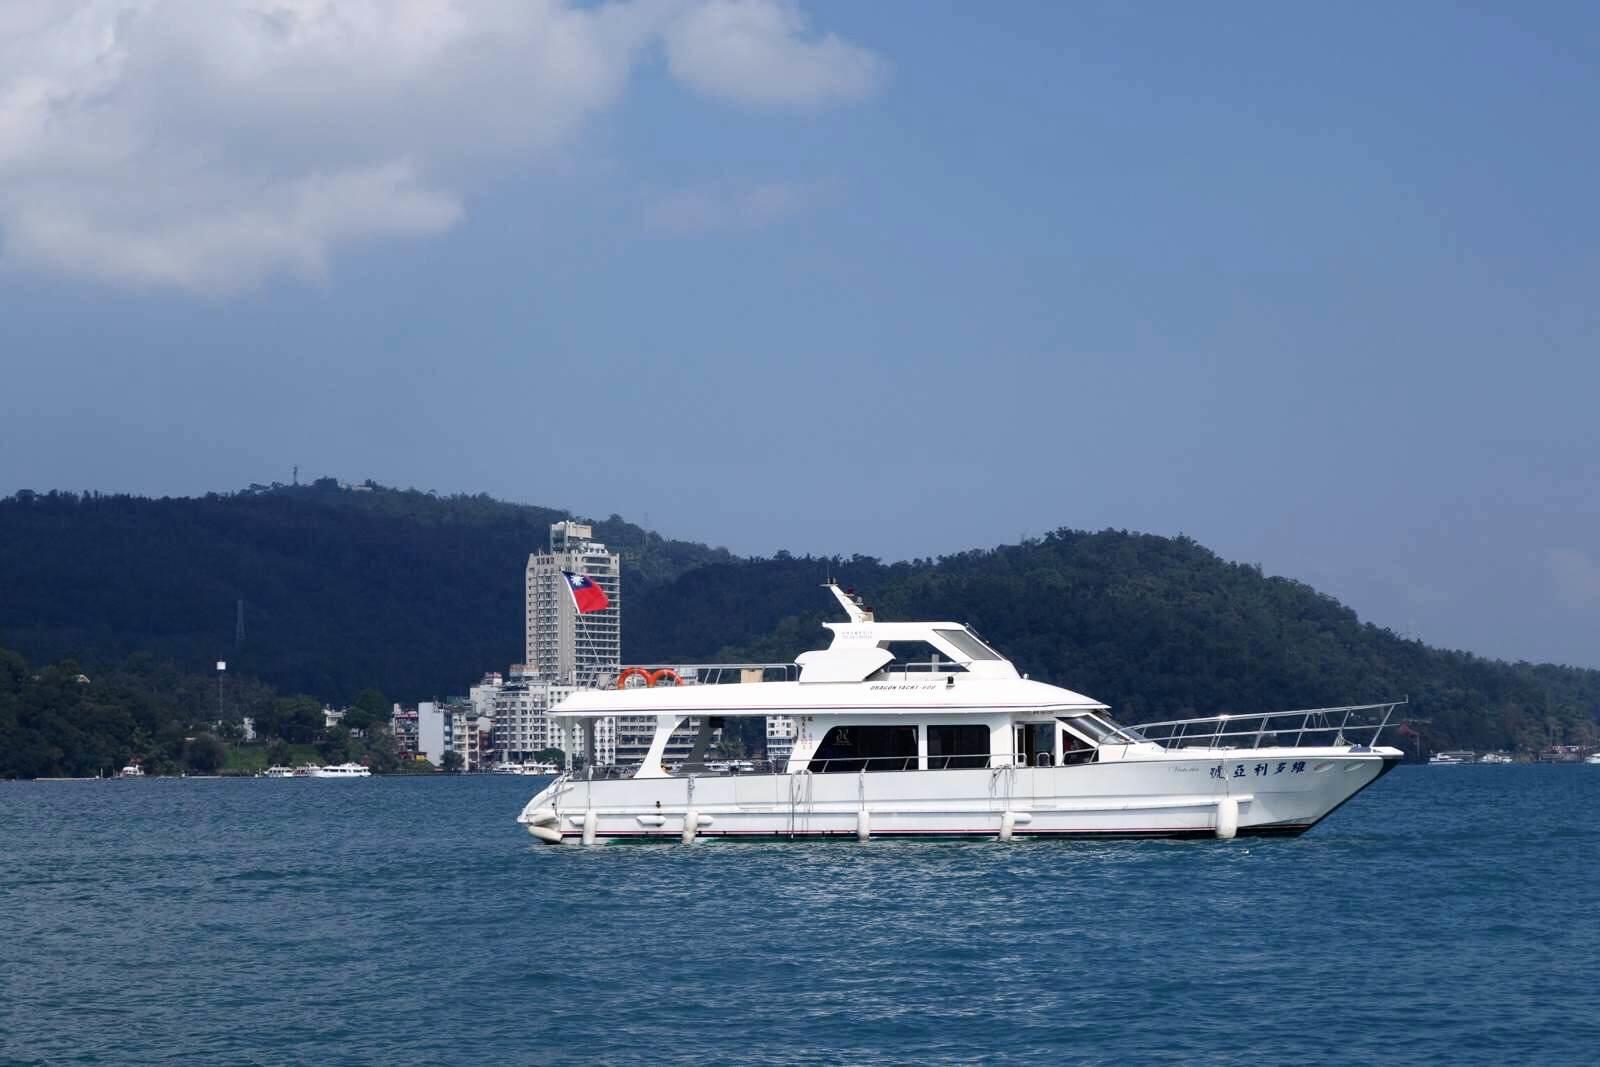 日月潭,这个打小就小学学课本上了解到的台湾风景名胜,从小大陆必去网站v小学游客奔牛.图片